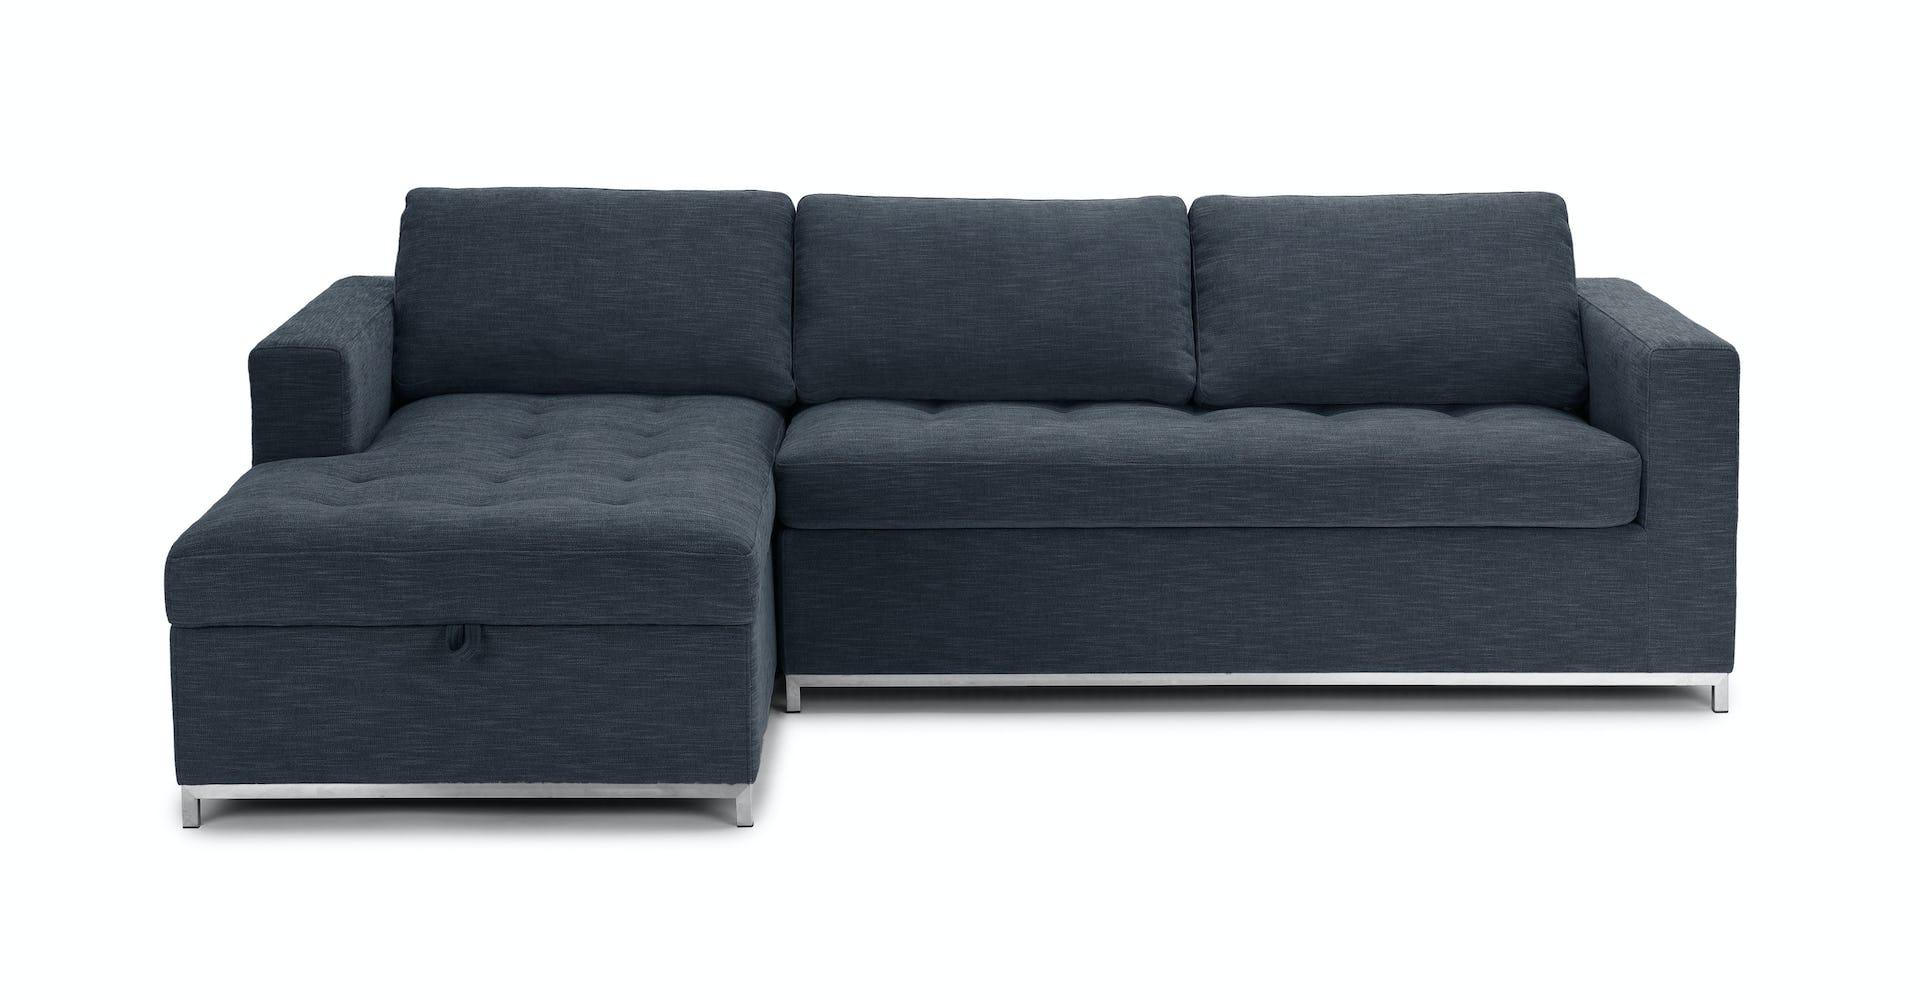 Prime Soma Midnight Blue Left Sofa Bed Lamtechconsult Wood Chair Design Ideas Lamtechconsultcom